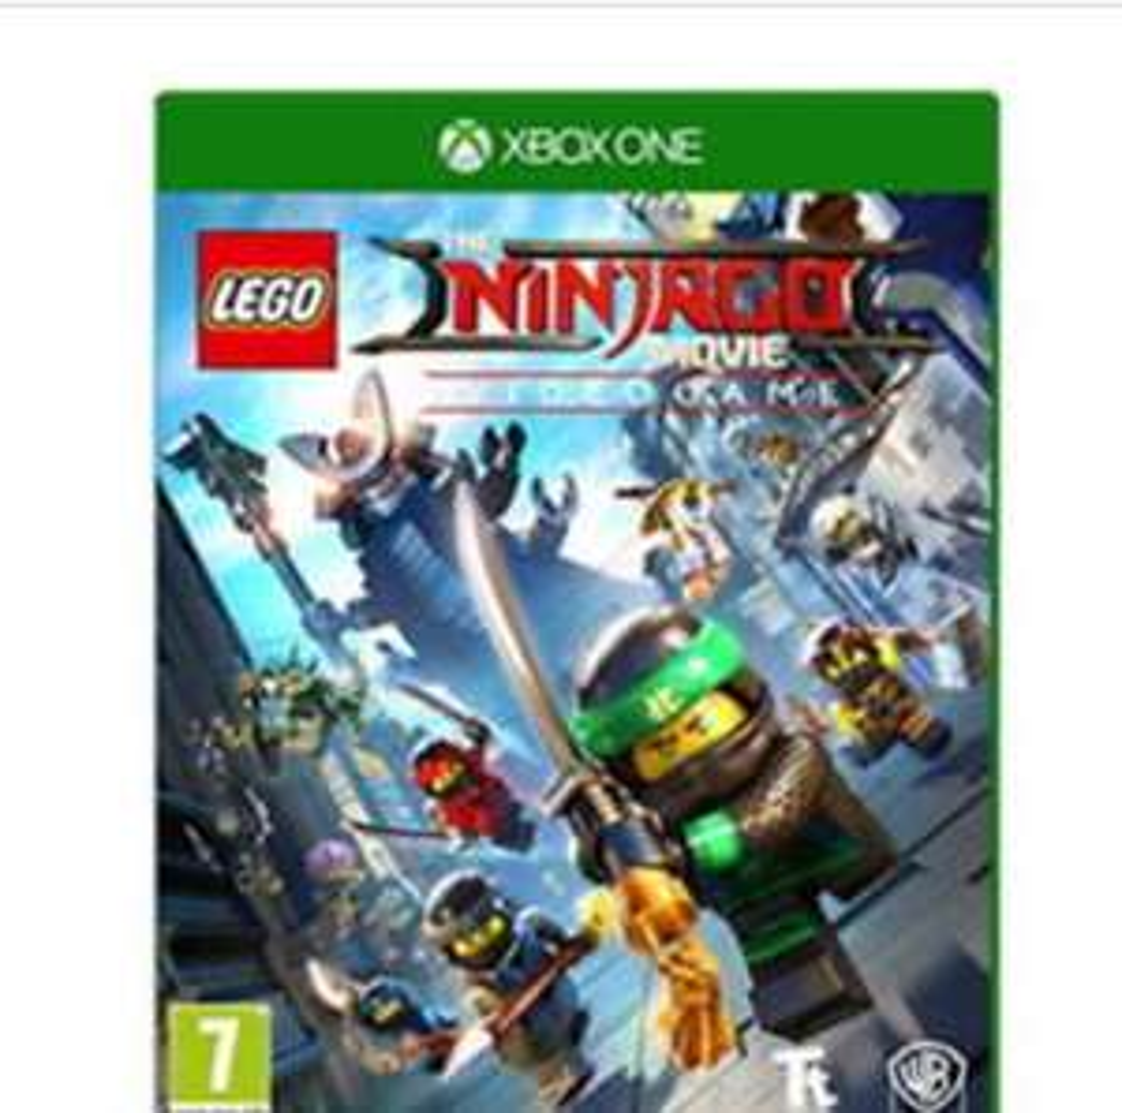 LEGO The Ninjago Movie (Xbox One) , new £17.85 @base